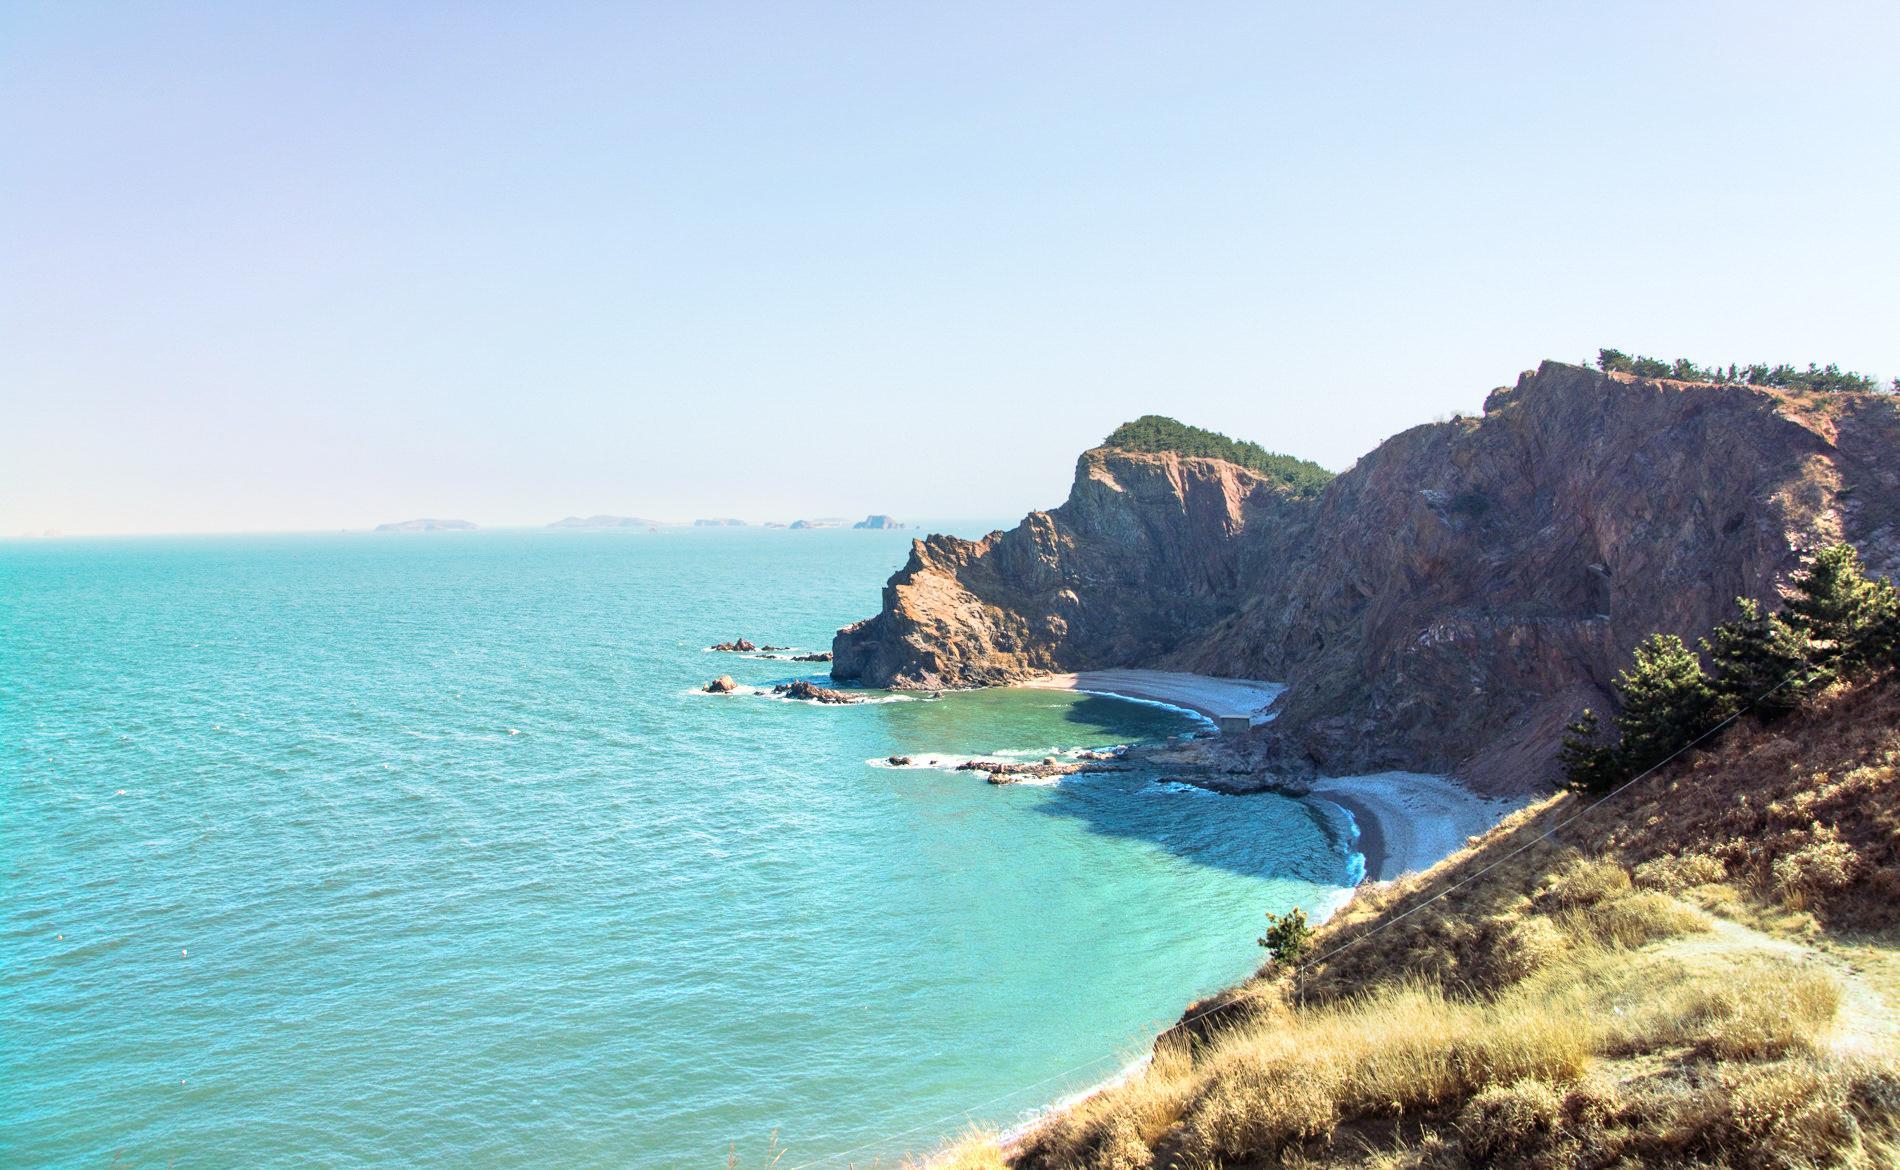 Zhifu Island